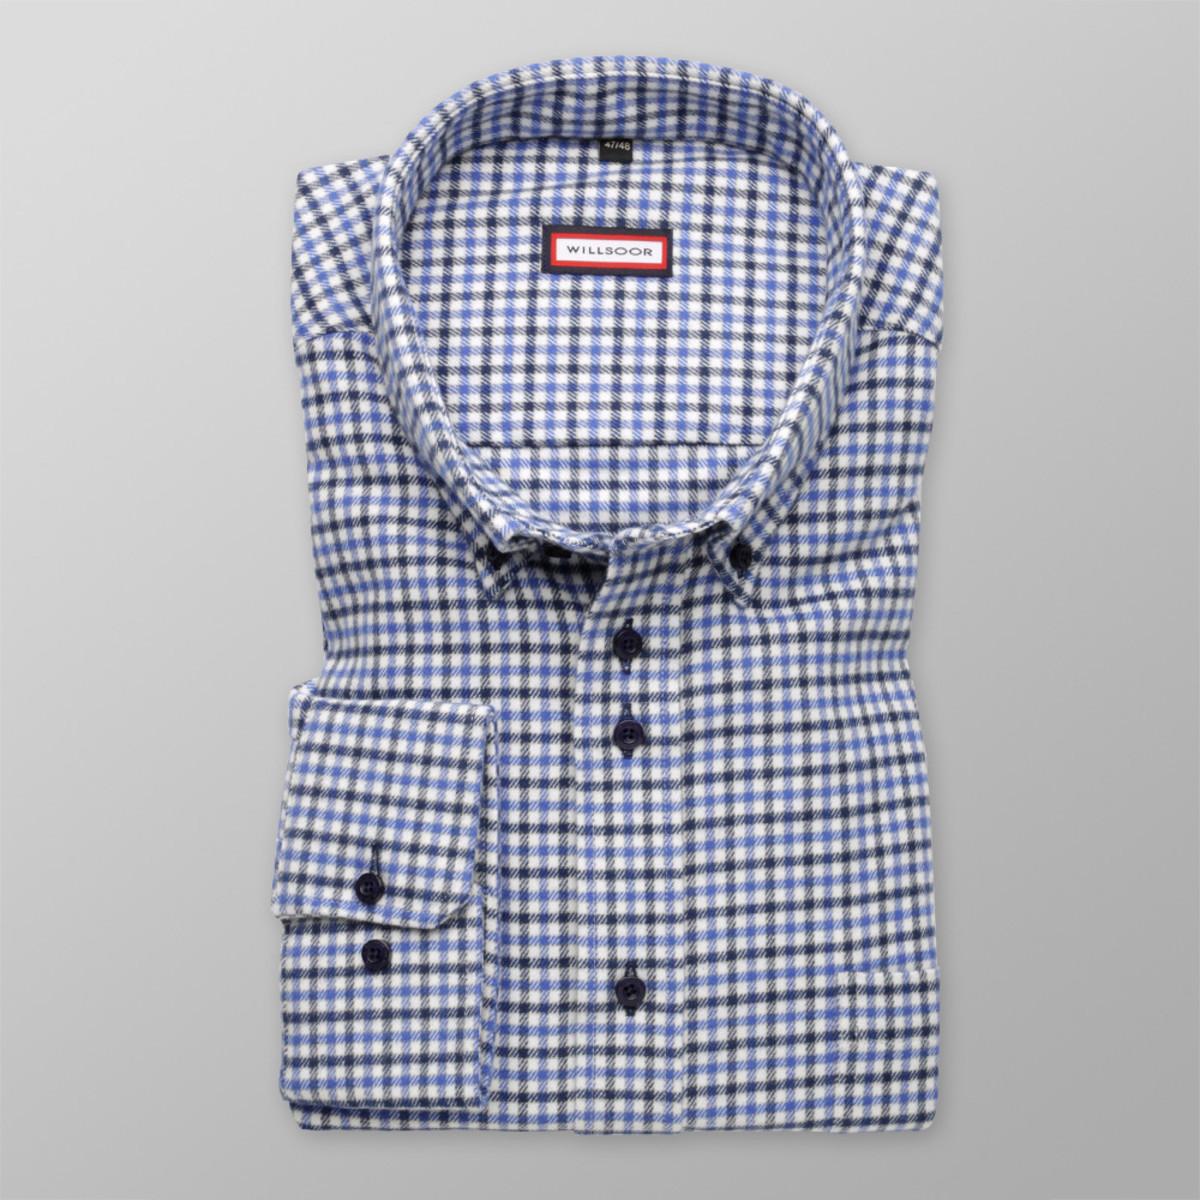 Klasická košeľa Classic (výška 188-194) 8843 188-194 / 47/48